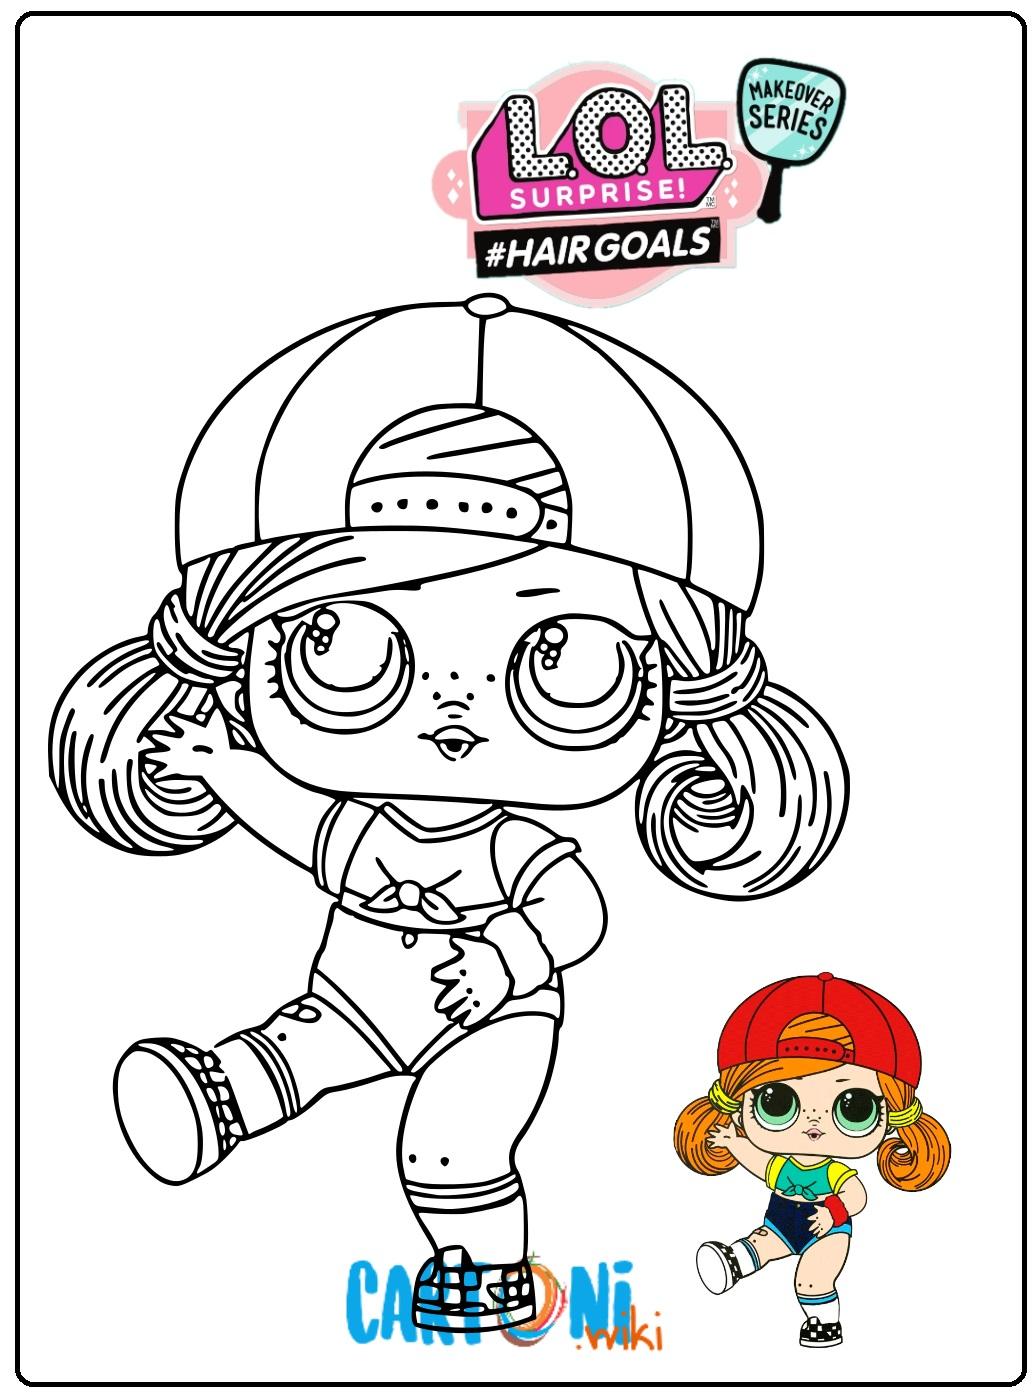 Sk8er Grrrl Lol surprice serie 5 #hairgoals da colorare - Stampa e colora